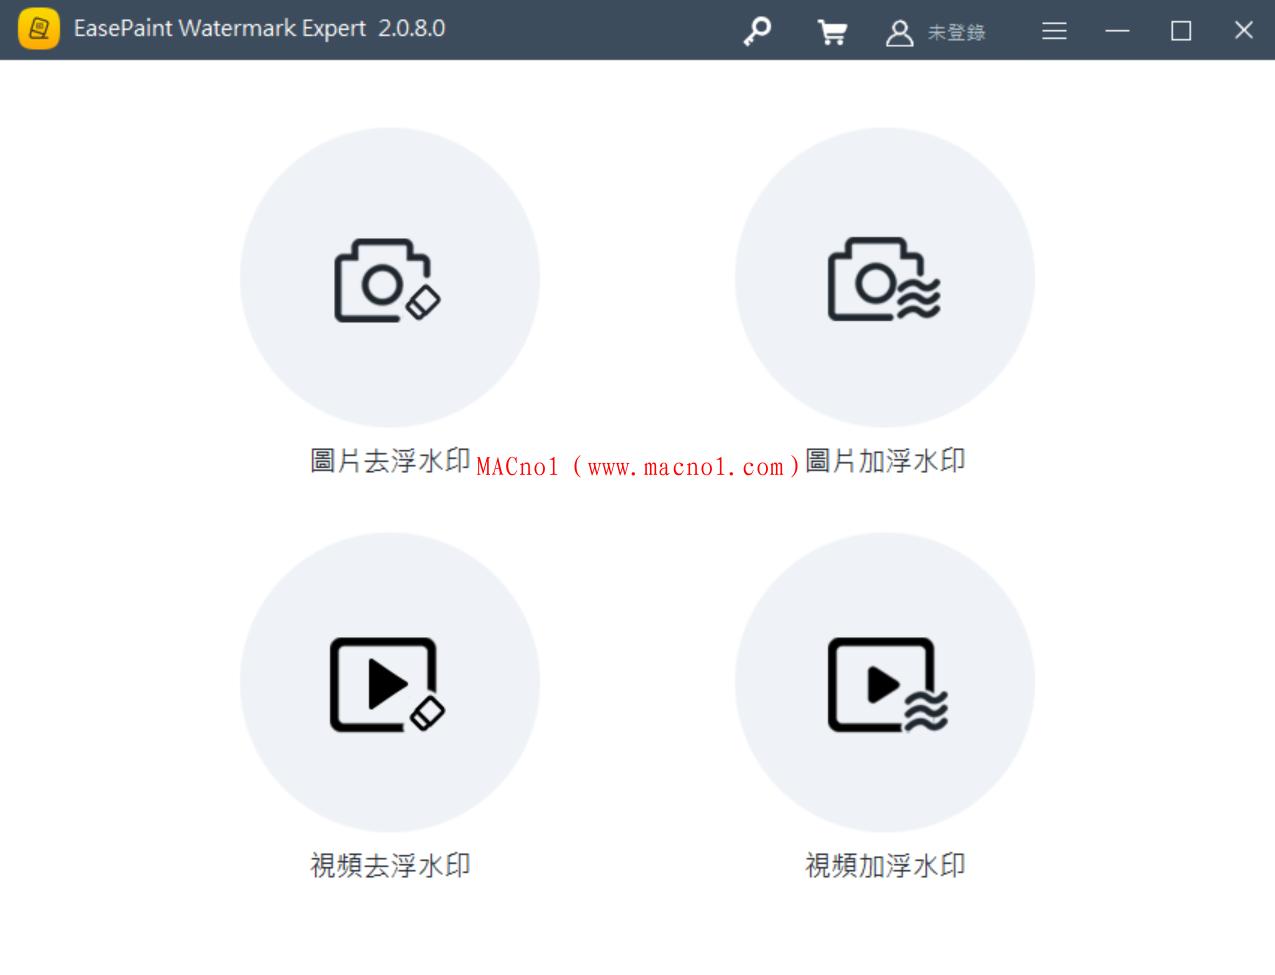 水印处理软件 EasePaint Watermark Expert v2.0.8 破解版(免激活码)